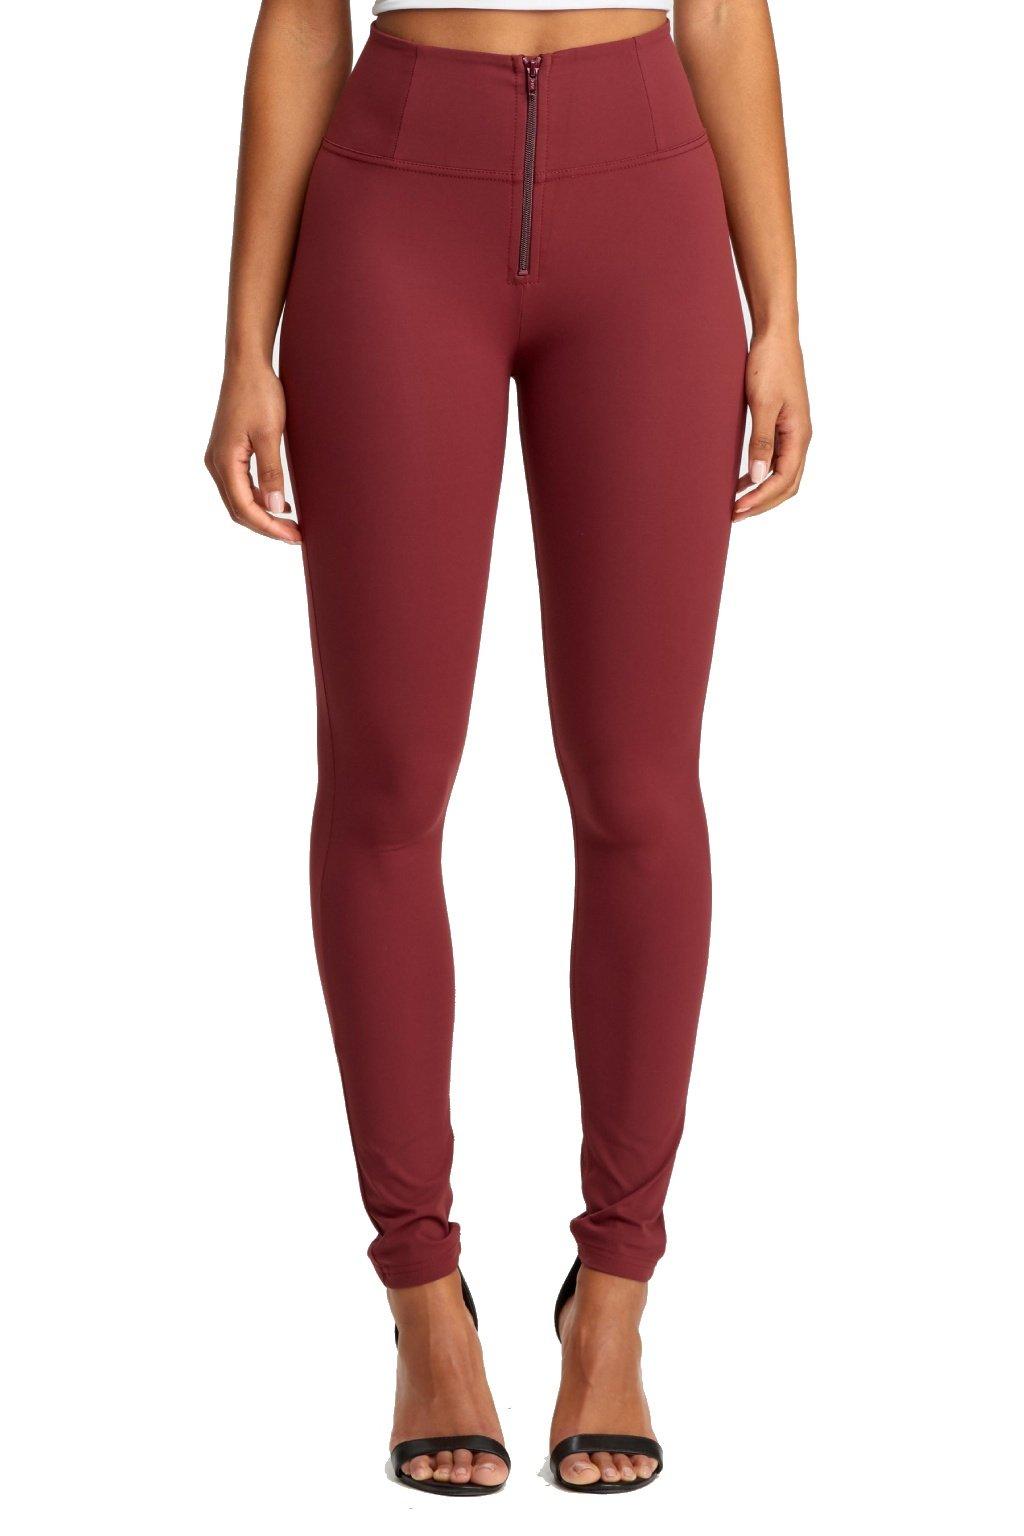 Freddy diwo pro kalhoty vysoky pas d.i.w.o. rude bordeaux burgundyvinove skinny superskinny leginy push up kalhoty originalni freddy nova kolekce (1)